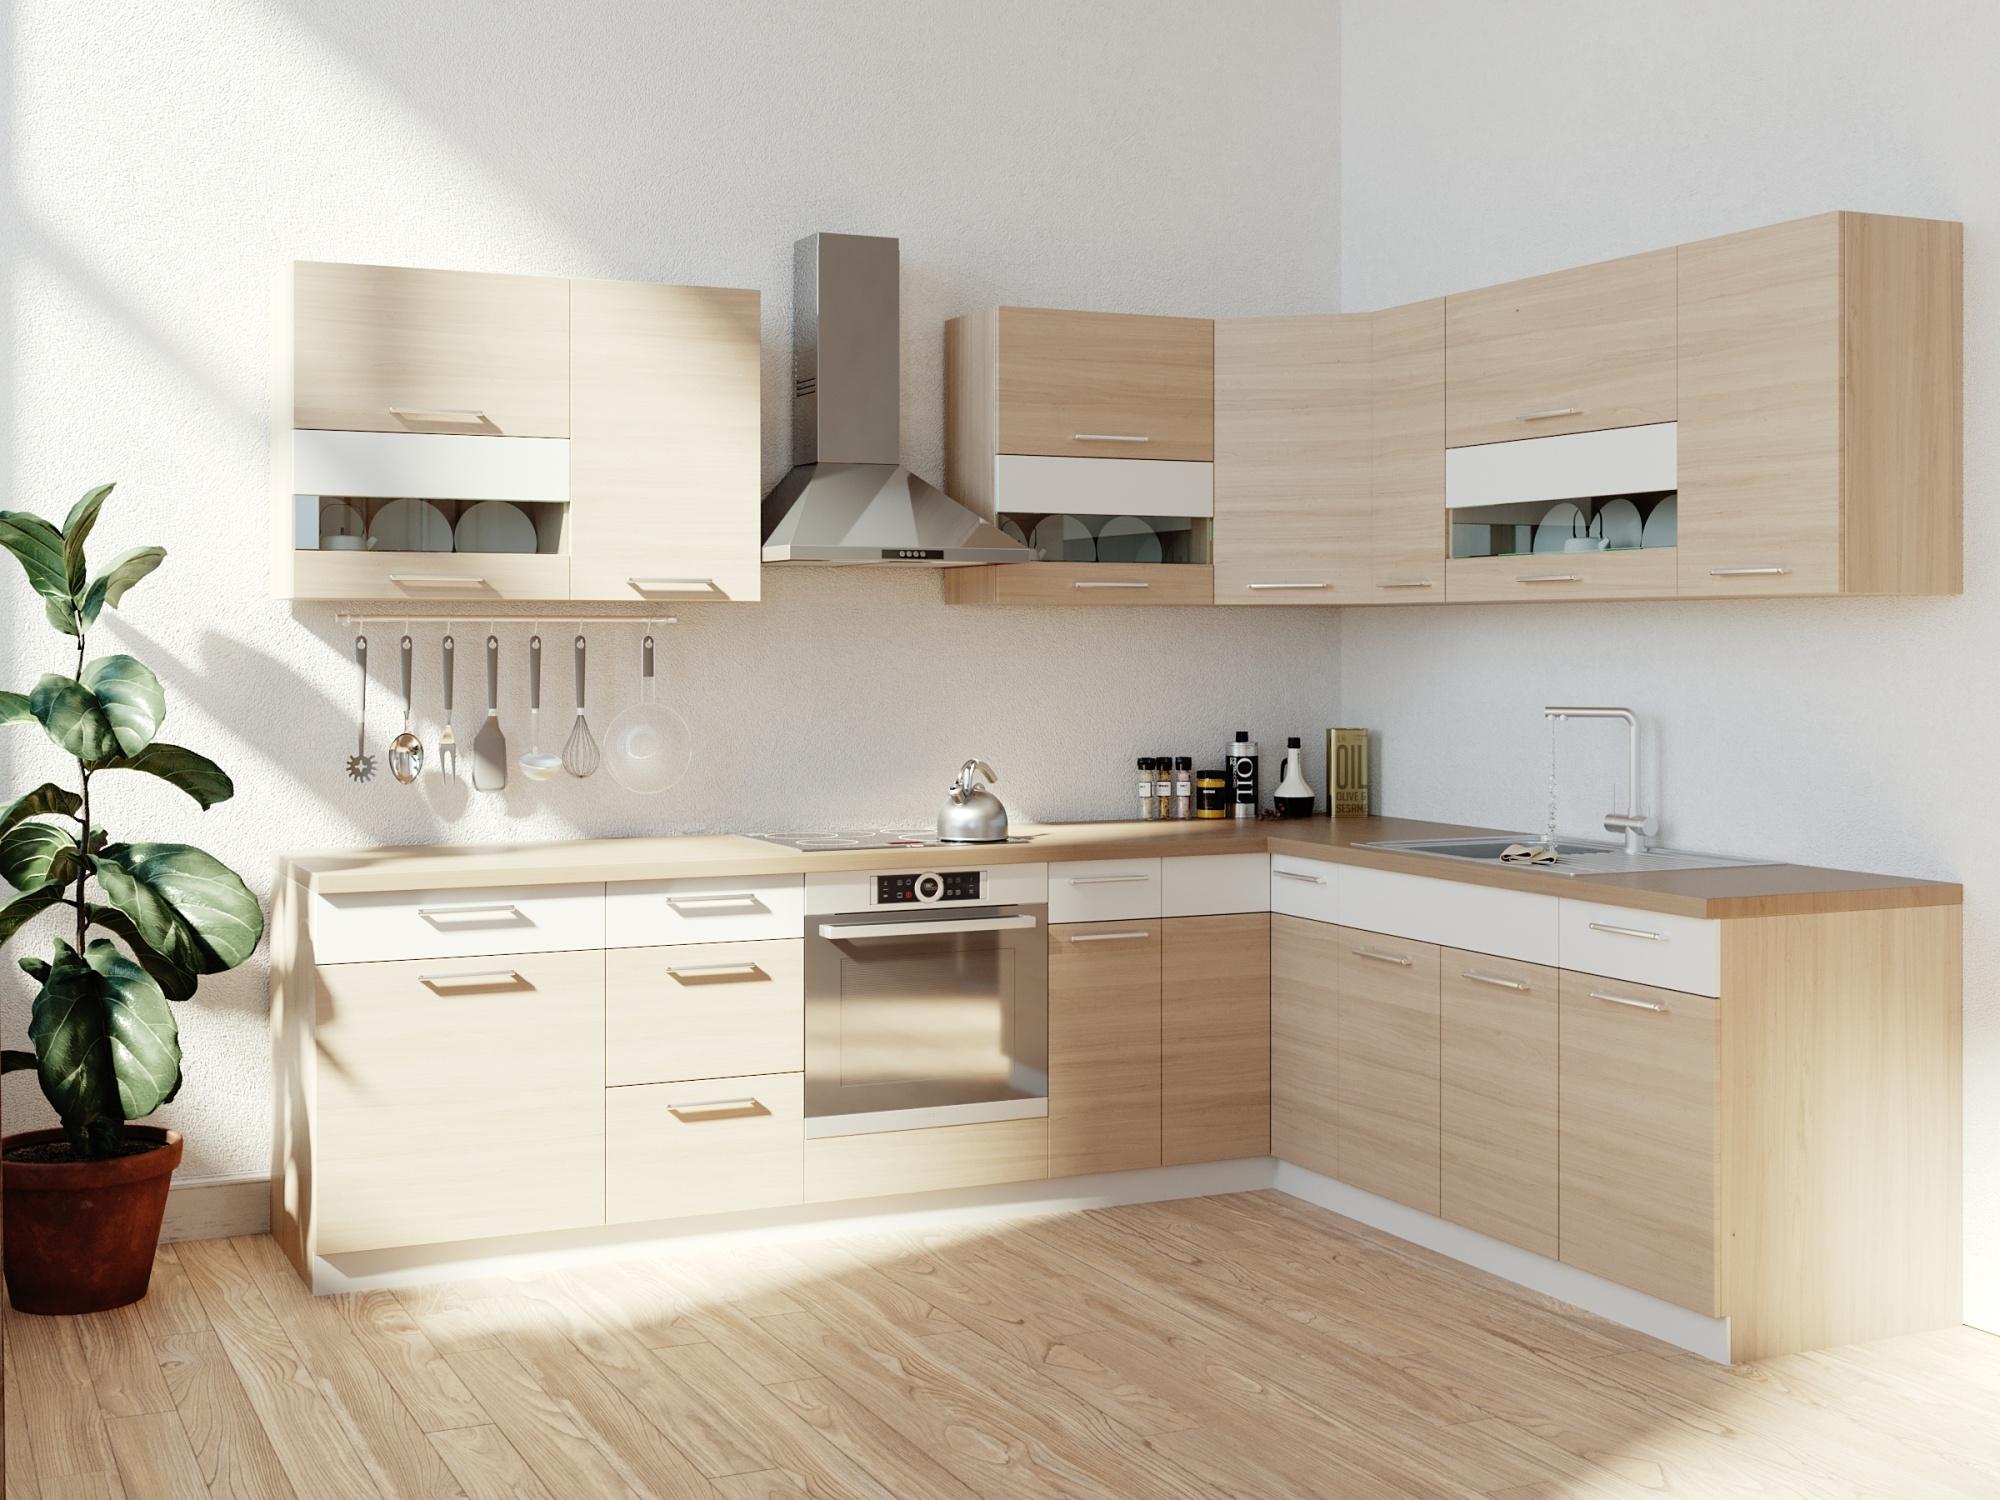 Rohová kuchyně MODENA 285x210, buk/bílý lesk